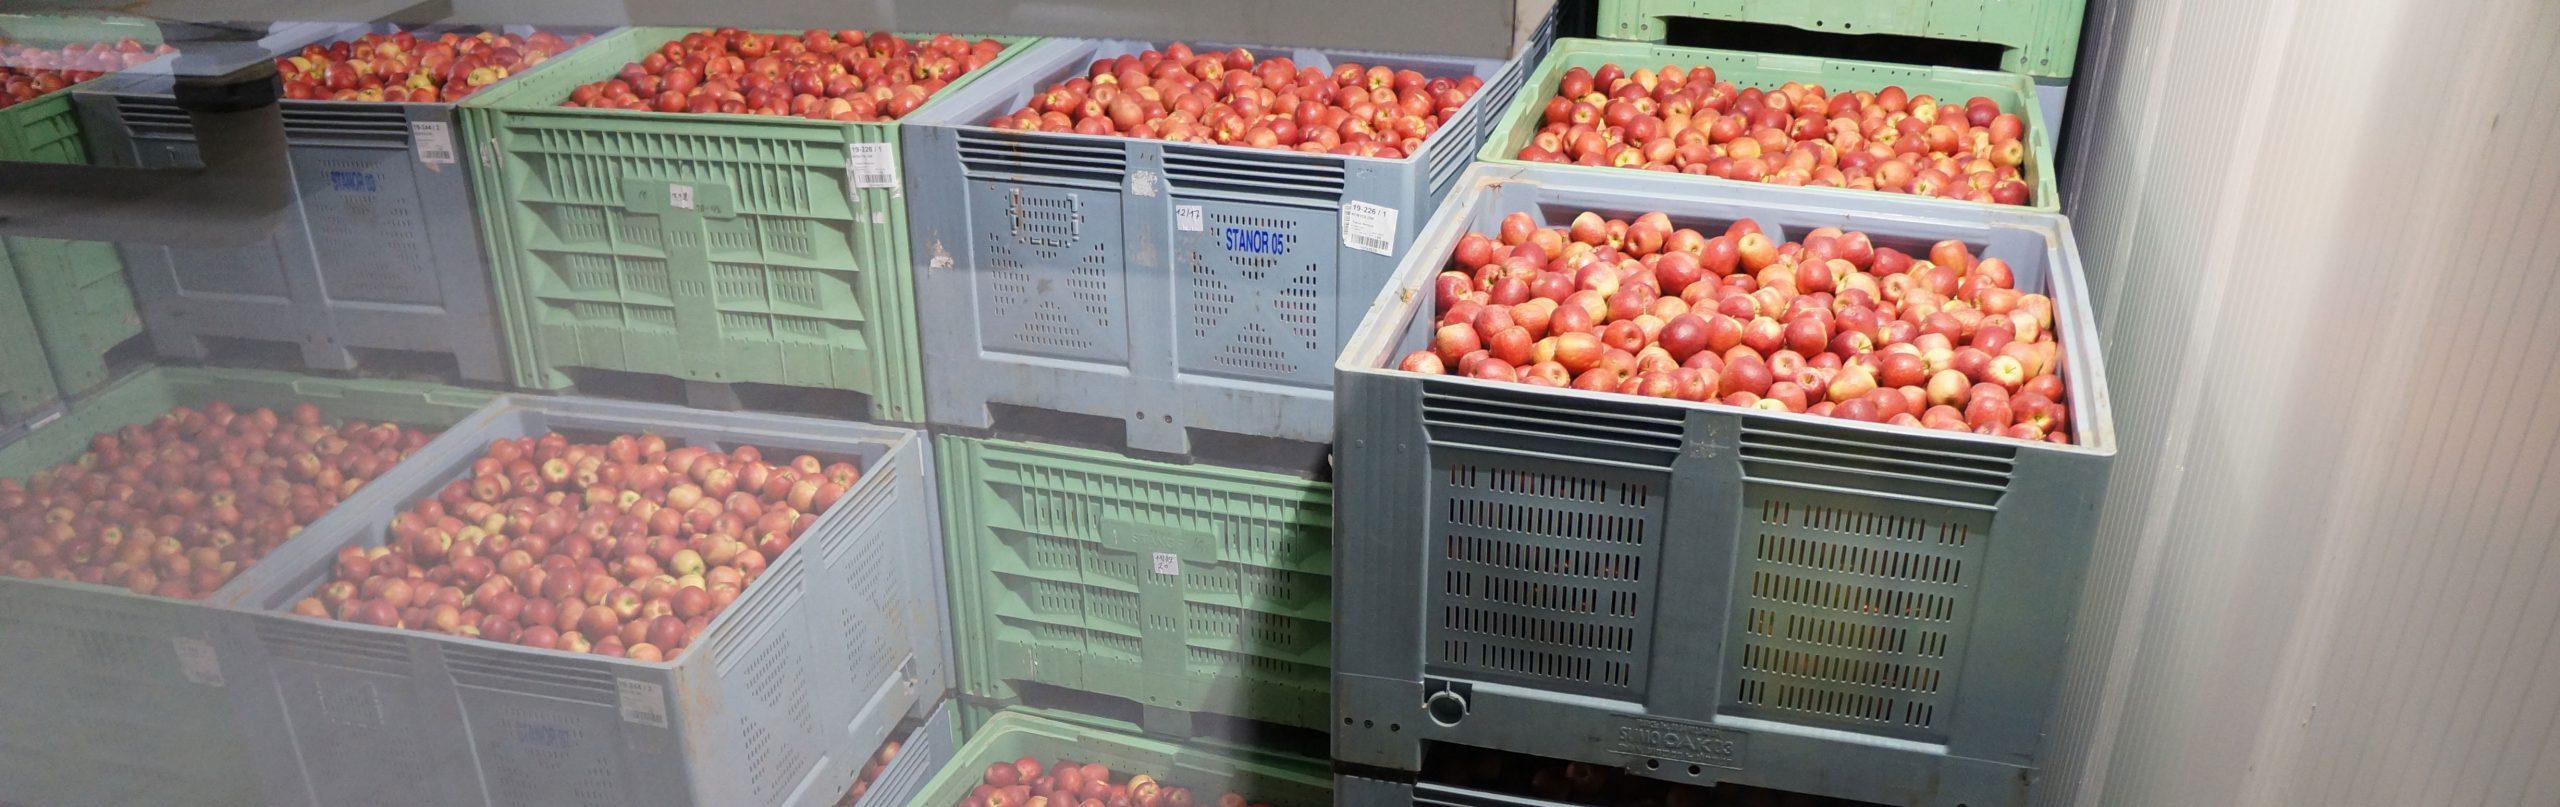 Stockage de pommes